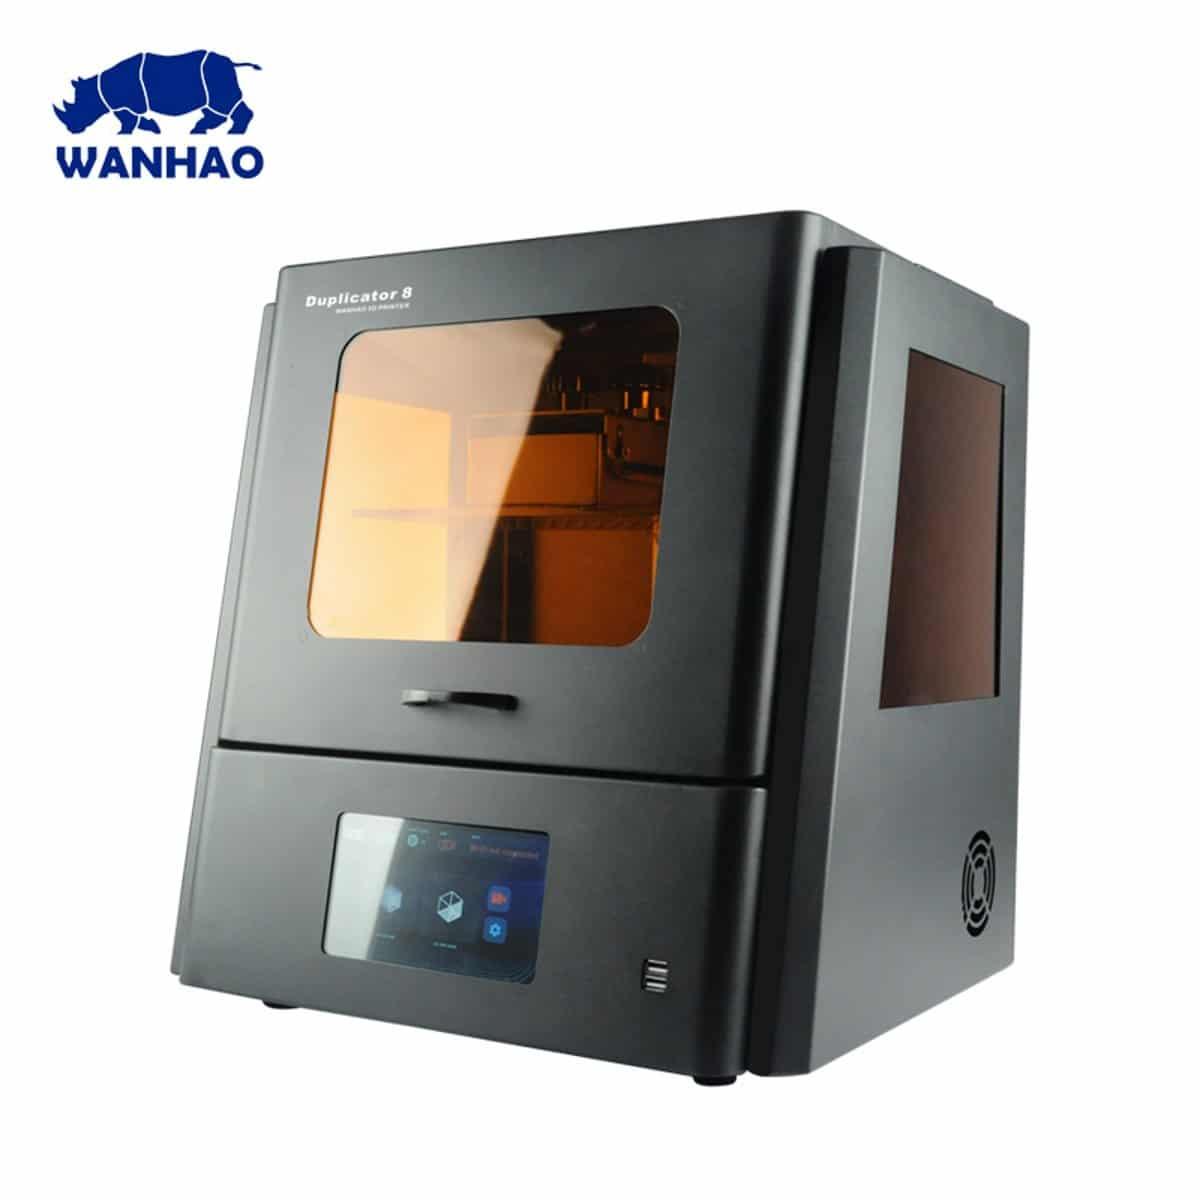 Image of   Wanhao Duplicator D8 DLP